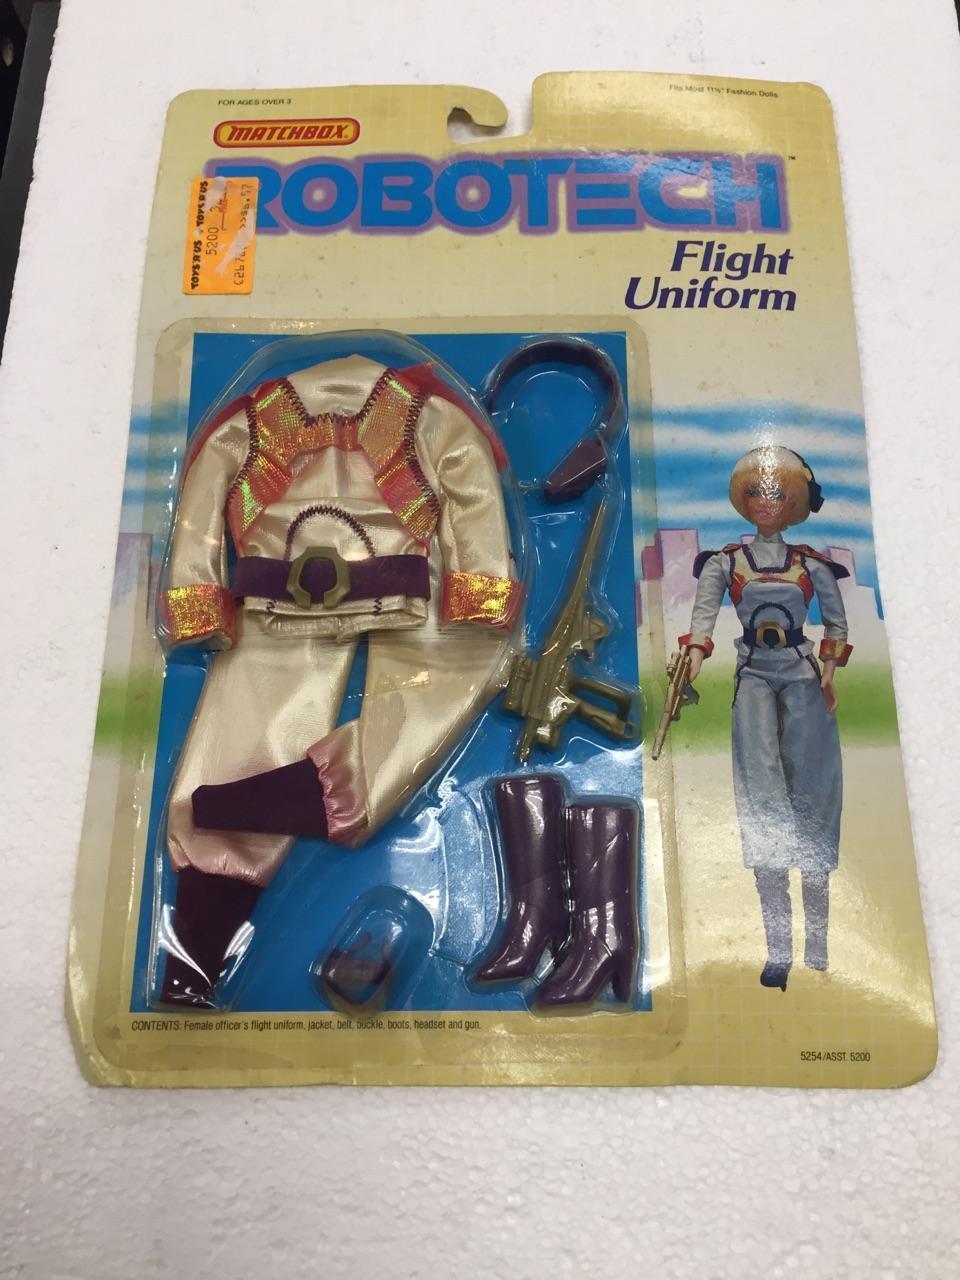 1985 Robotech Flight Uniform by Matchbox